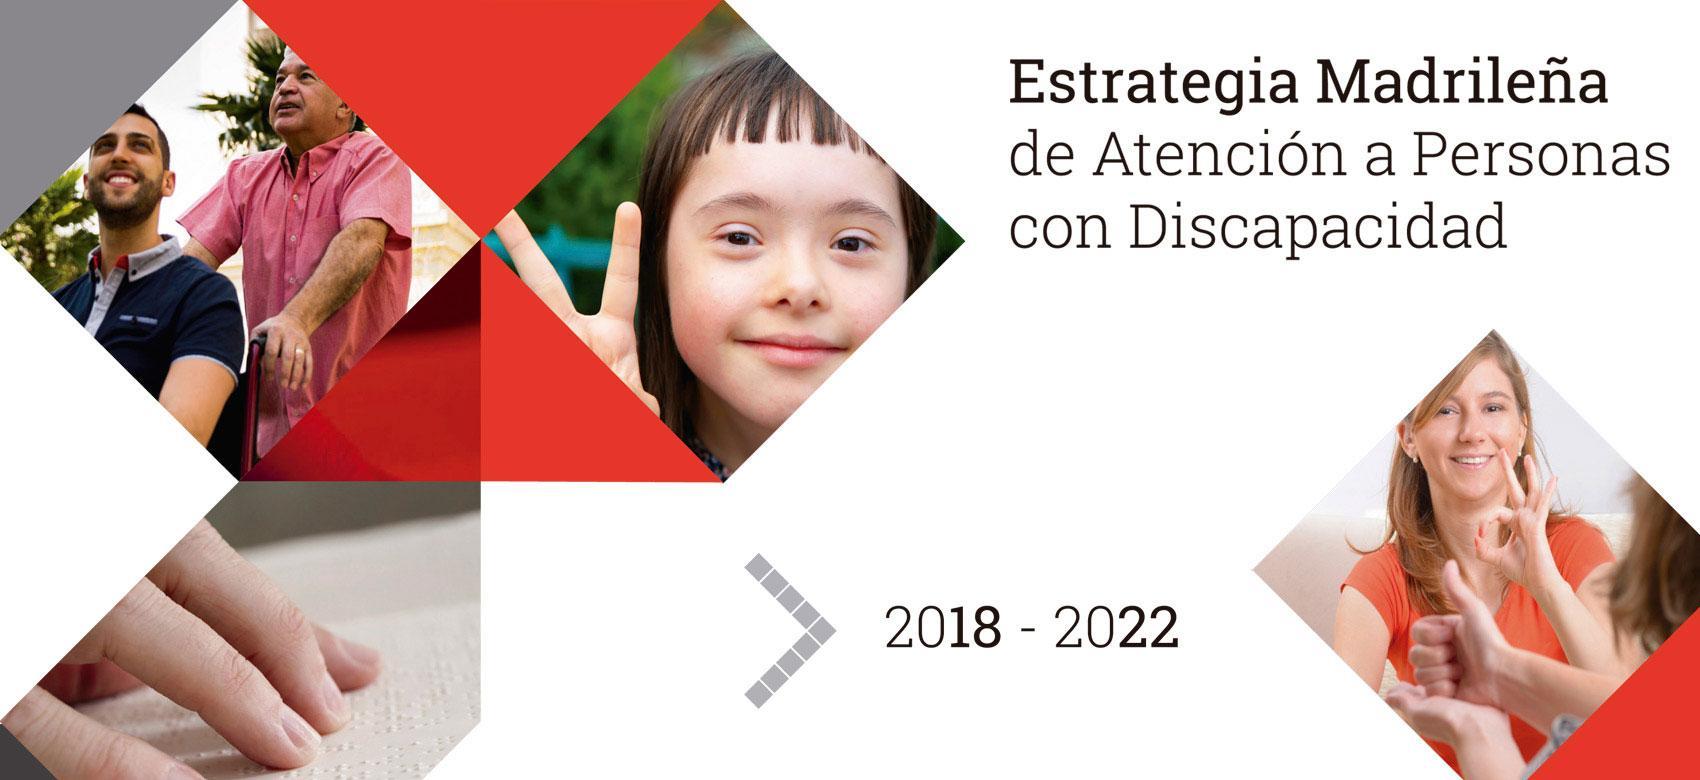 Composición a partir de la portada de la Estrategia Madrileña de Atención a Personas con Discapacidad